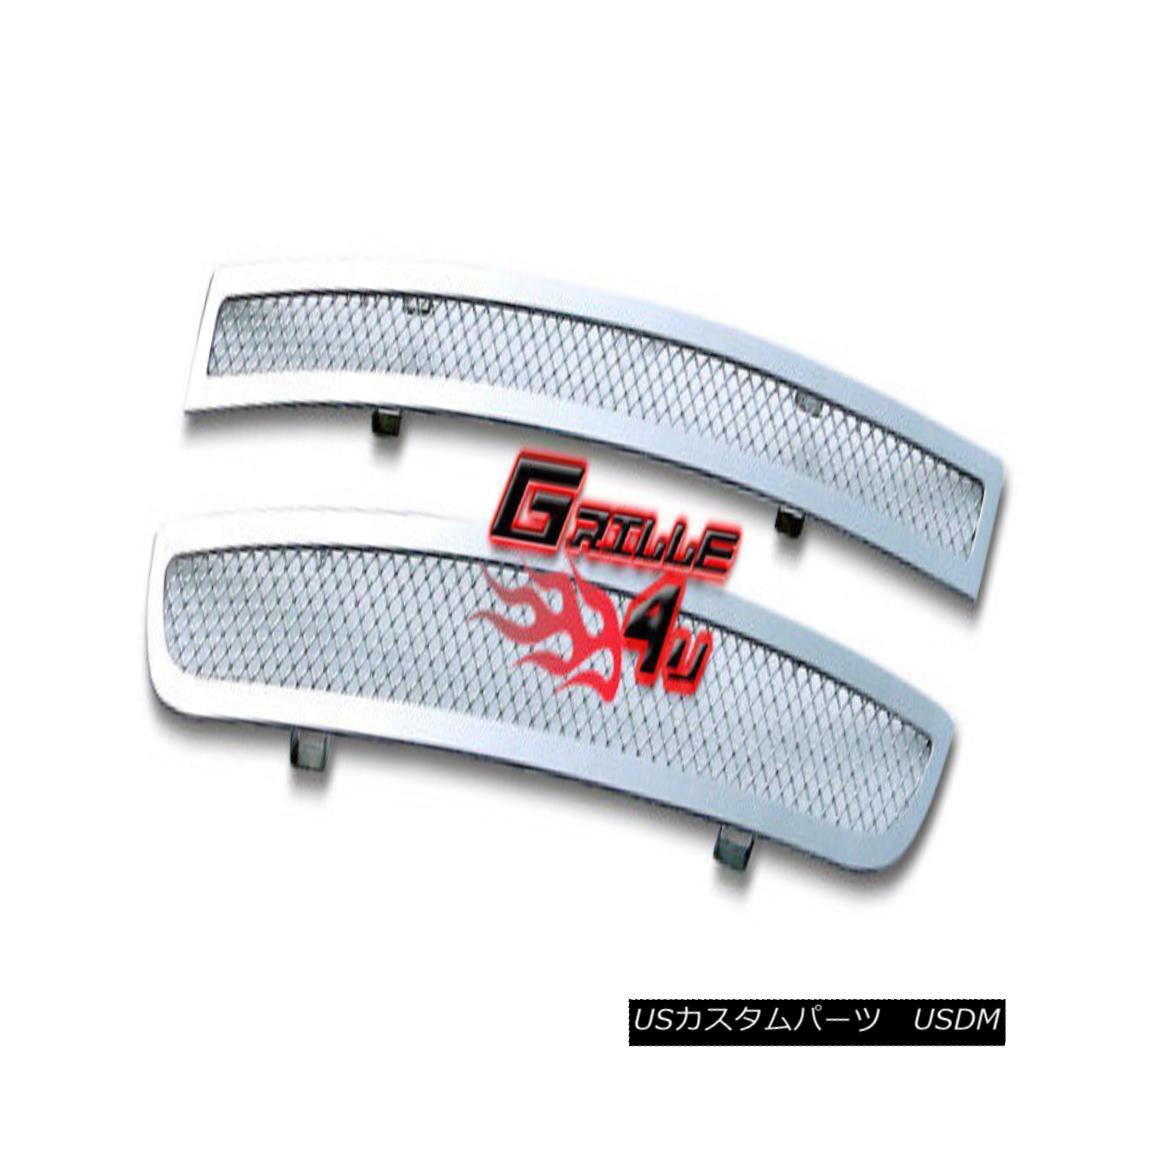 グリル For 04-09 Honda S2000 Bumper Stainless Mesh Premium Grille Insert 04-09ホンダS2000用バンパーステンレスメッシュプレミアムグリルインサート